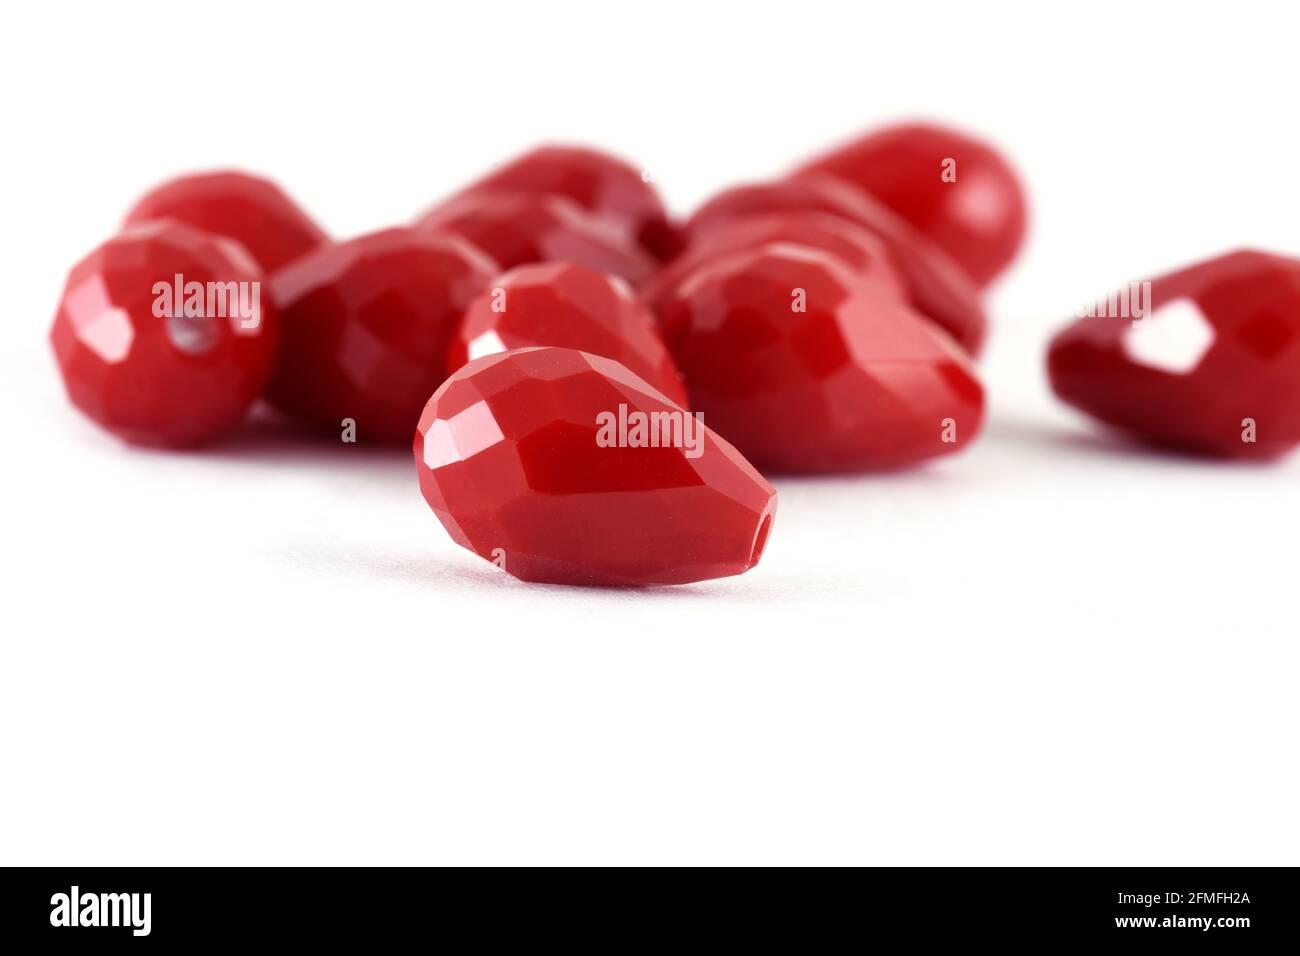 Forme goutte les perles rouges s'étendent sur fond blanc. Arrière-plan ou texture de perles.gros plan, utilisé dans la finition des vêtements de mode. Faire collier de perles ou stri Banque D'Images